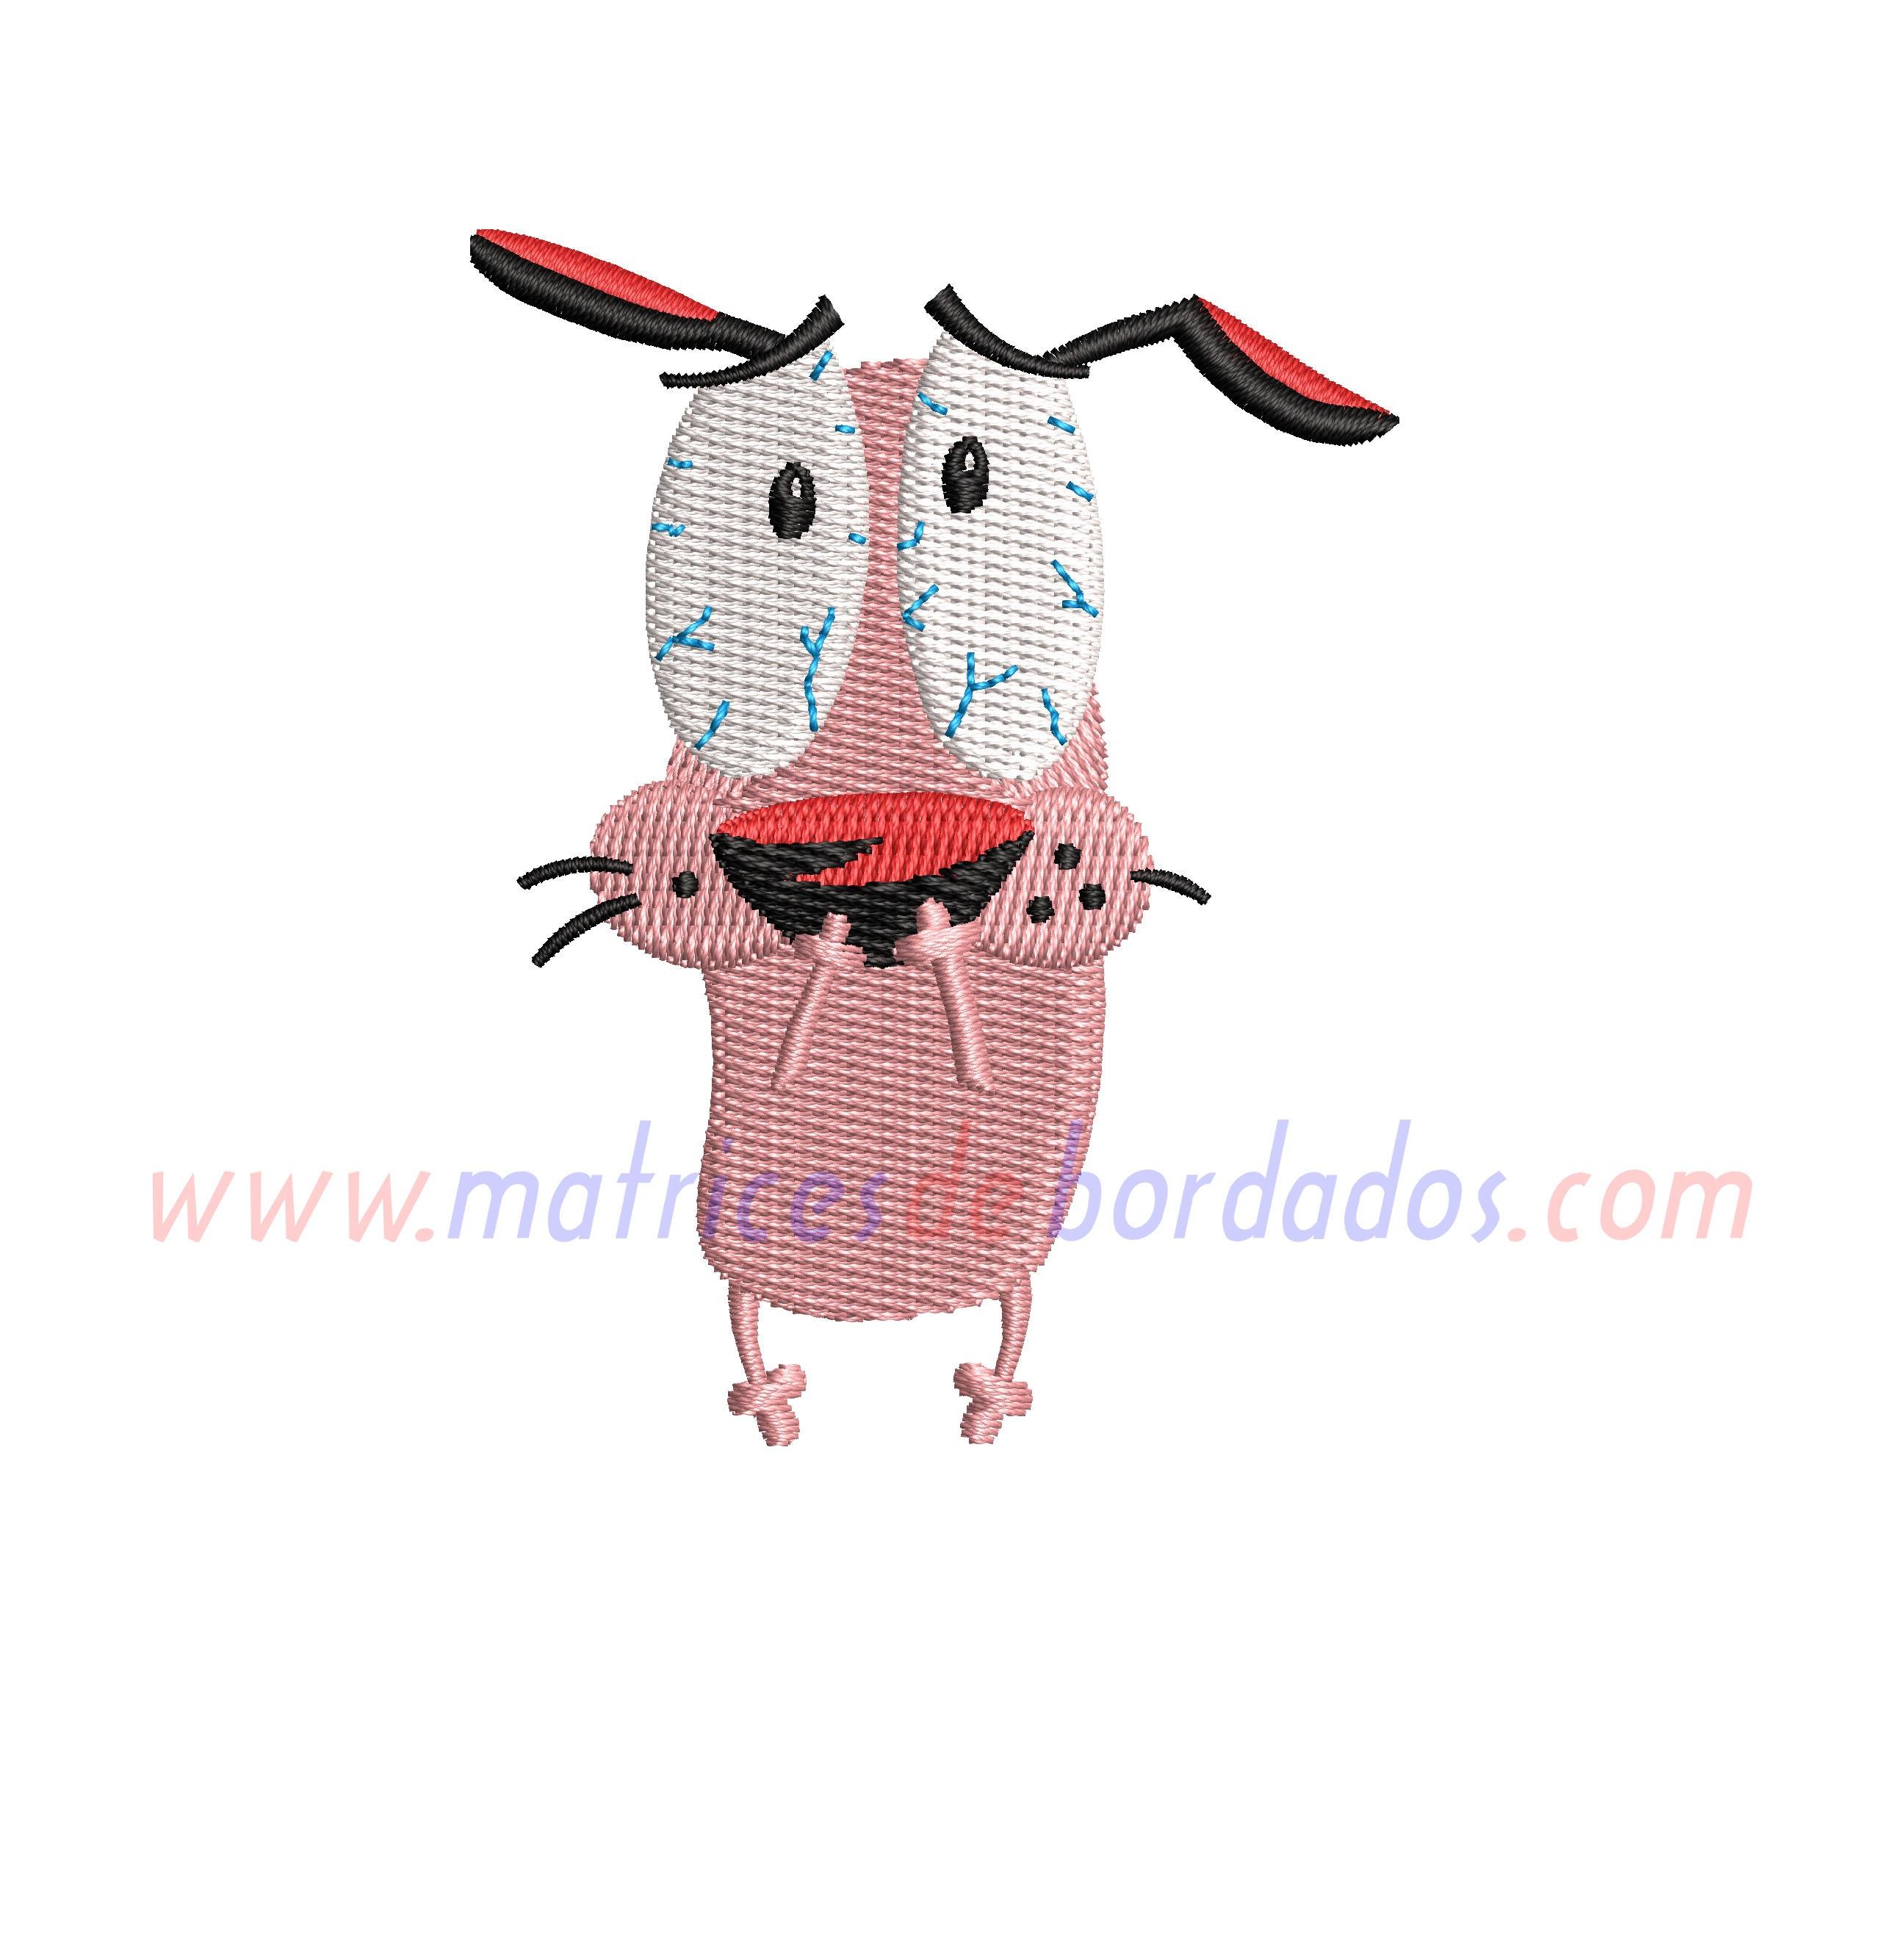 BC63LD - Coraje el perro cobarde